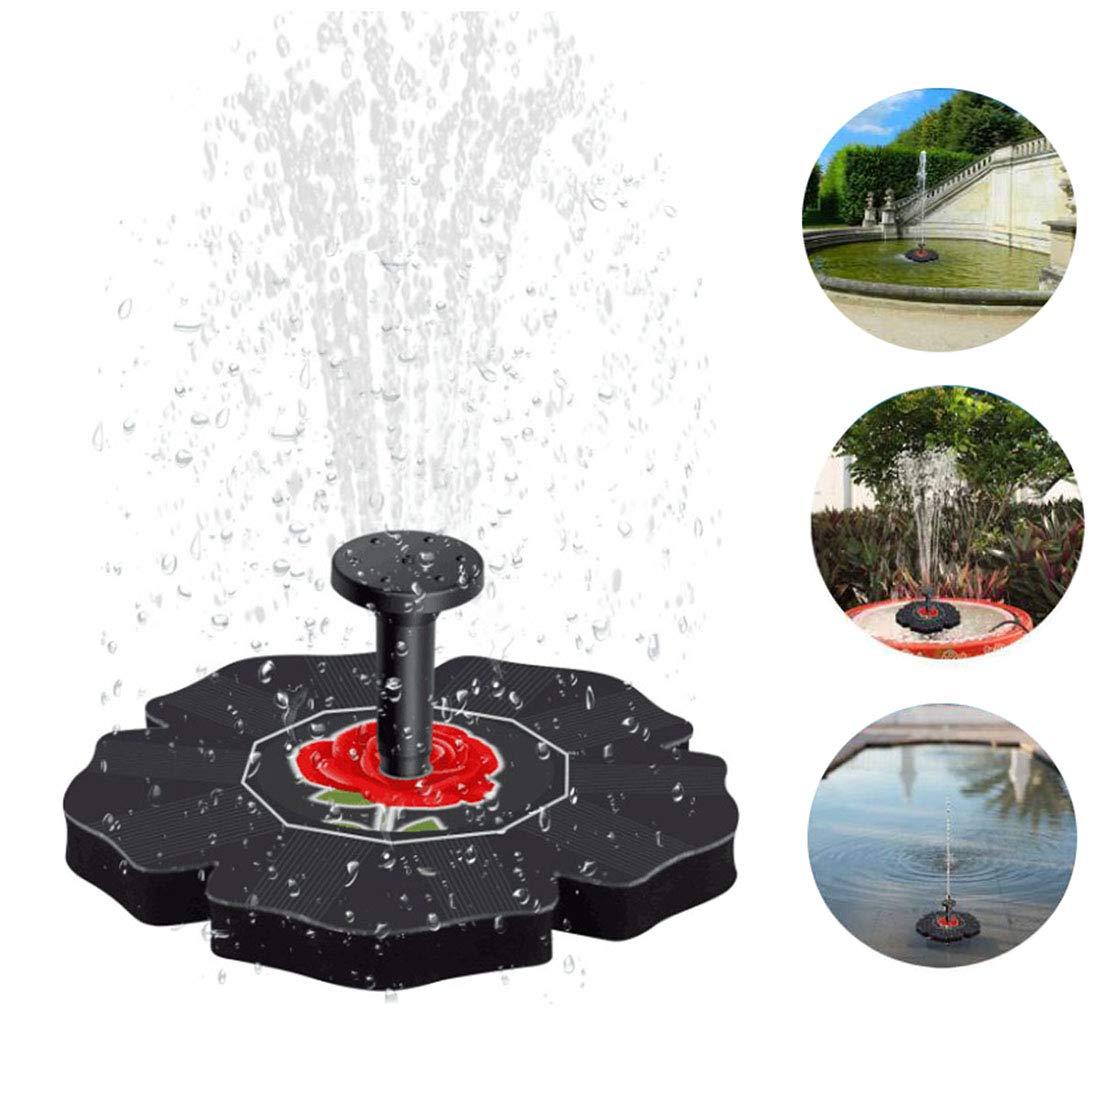 LY-LD Fuente Solar Bomba 1.4 W Libre de pie Fuente de Agua Kit de Bomba con 4 Diferentes Cabezas de patrón de pulverización para el baño de pájaro, Tanque de Peces